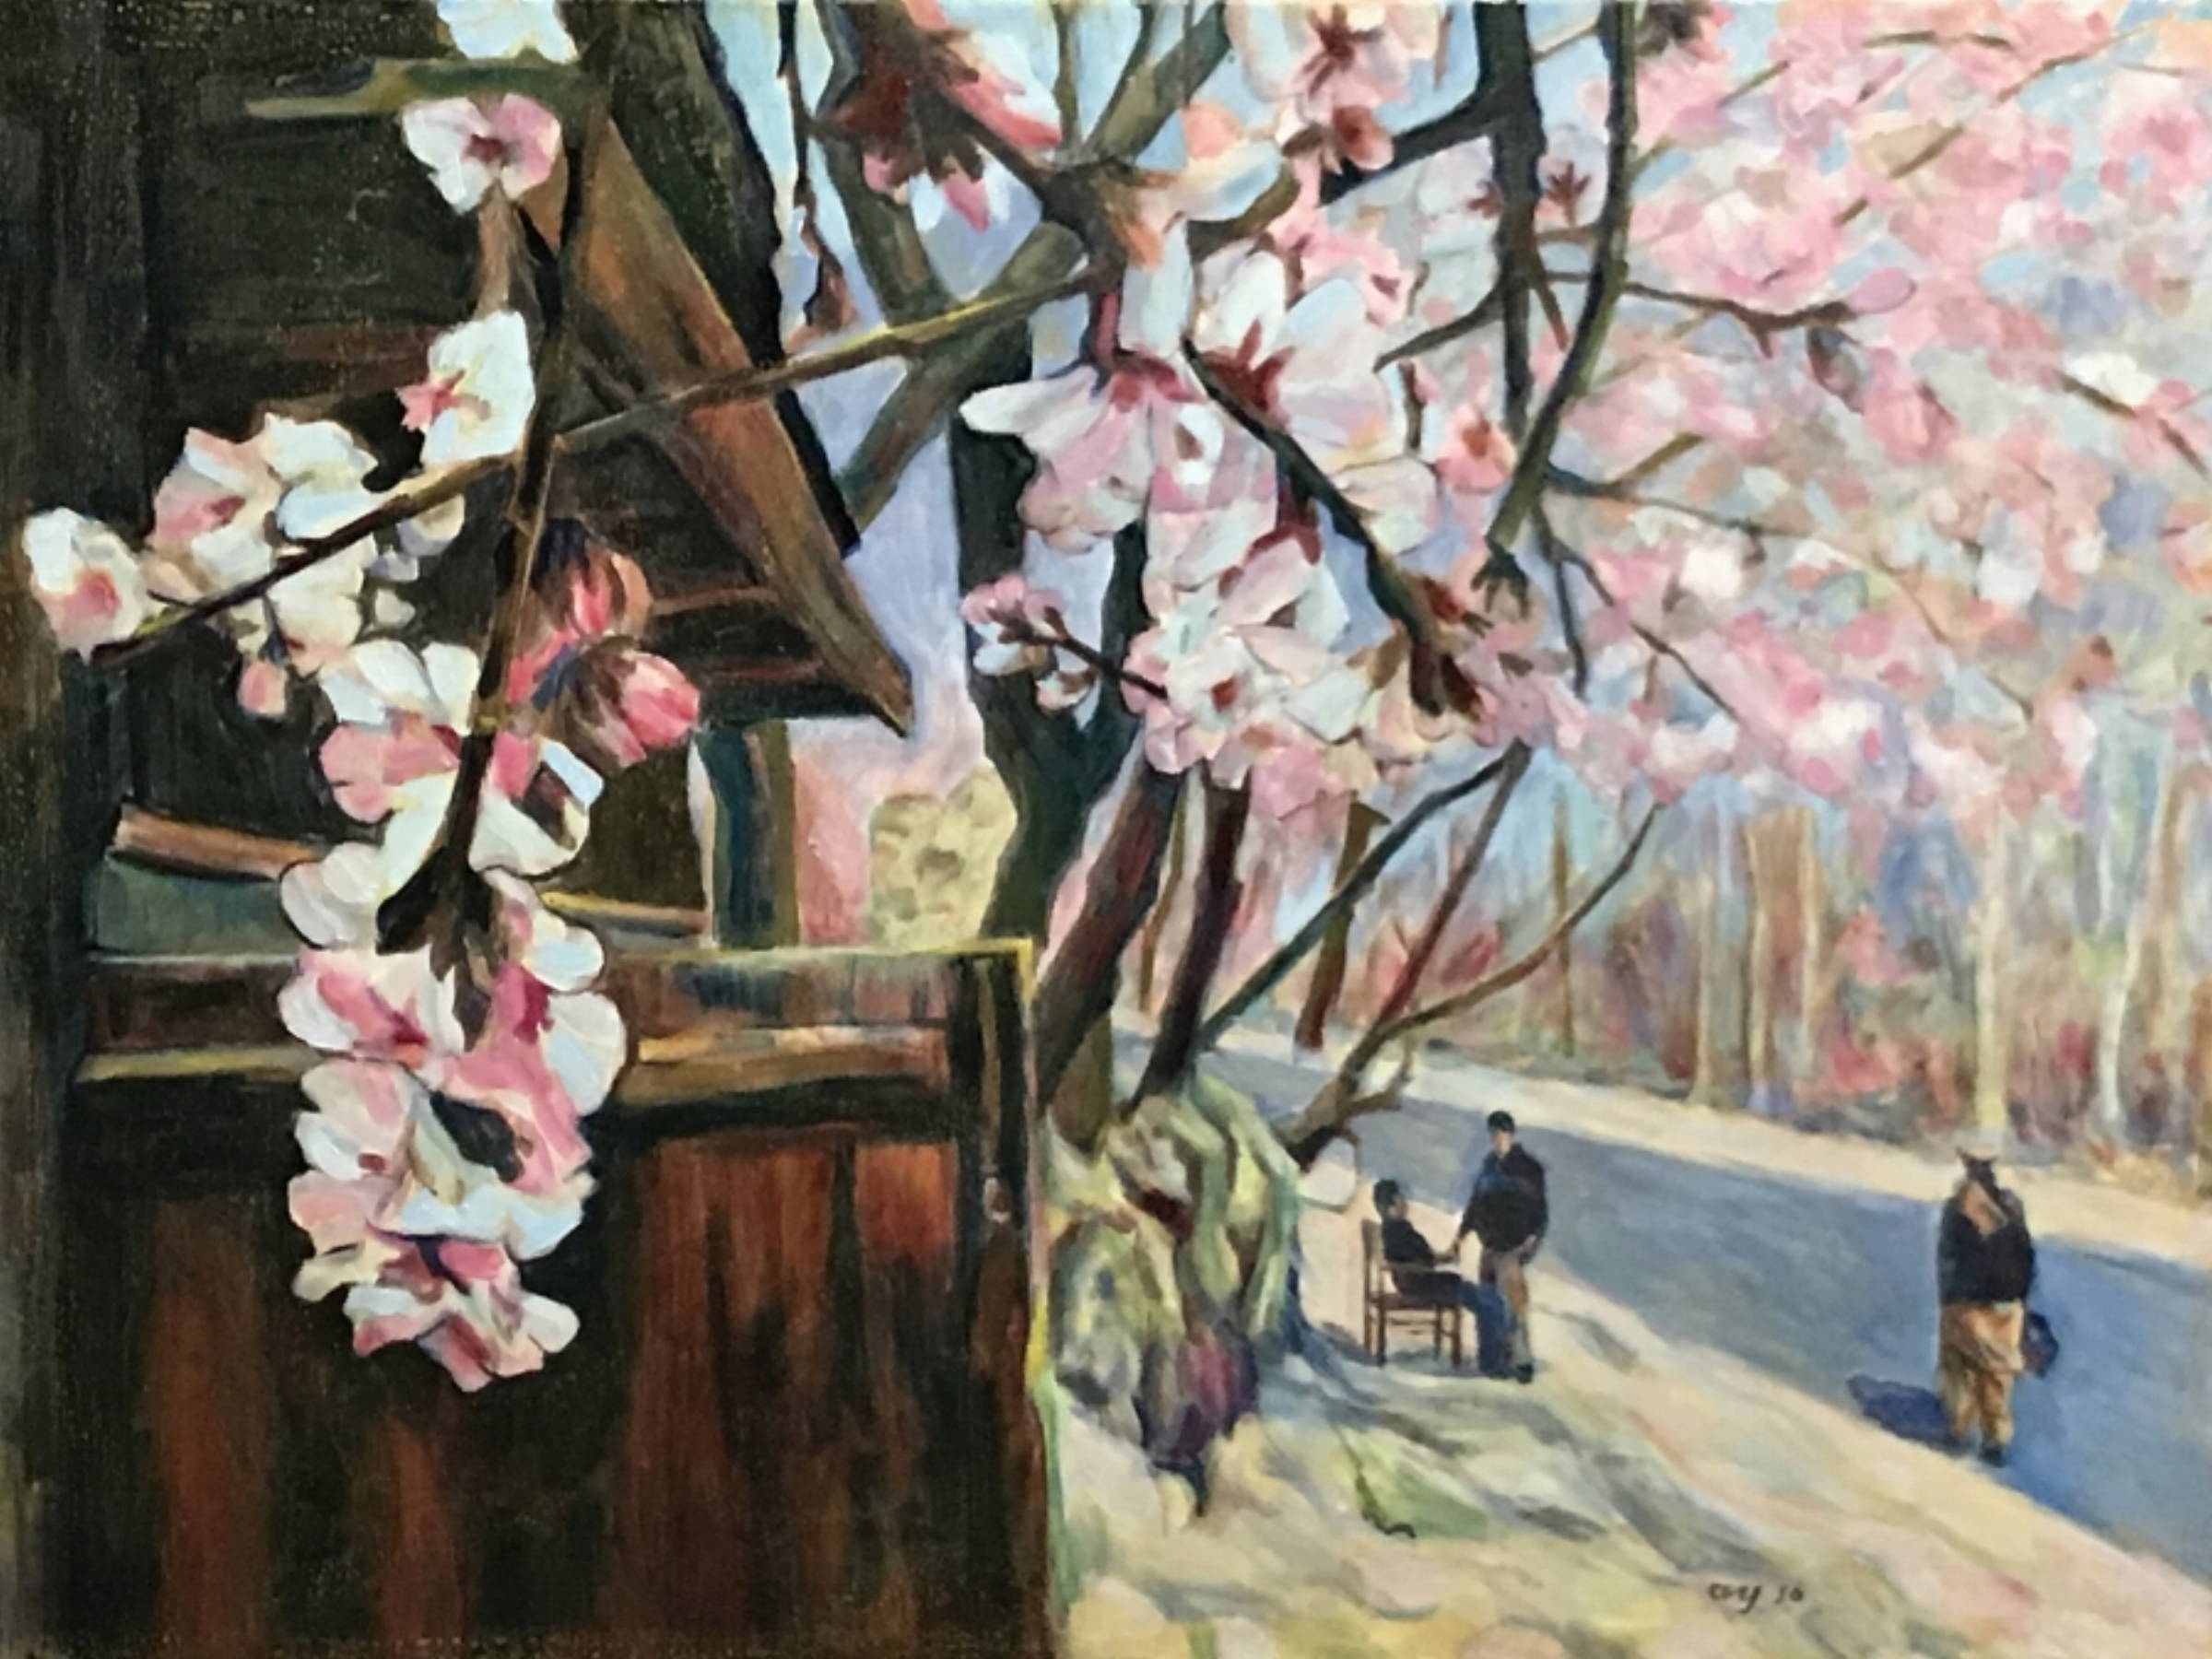 Spring in Balakot